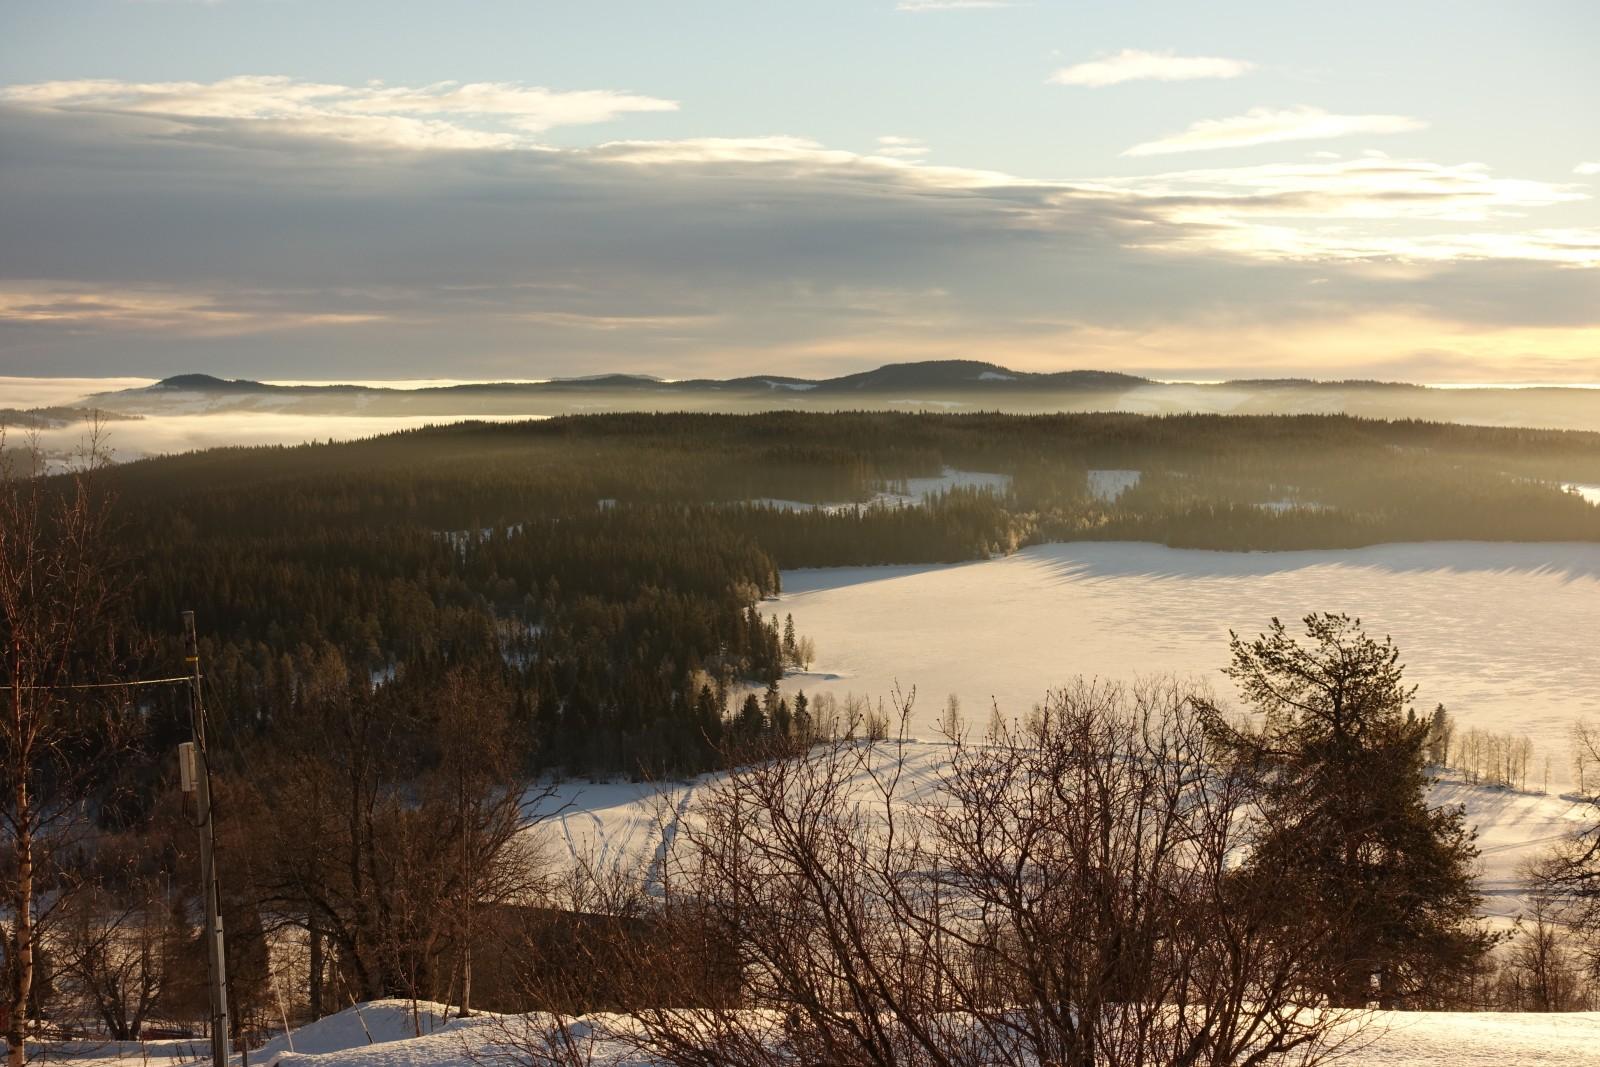 Utsikt fra utleiehytta Ulsaker Panorama - ledig i vinterferien